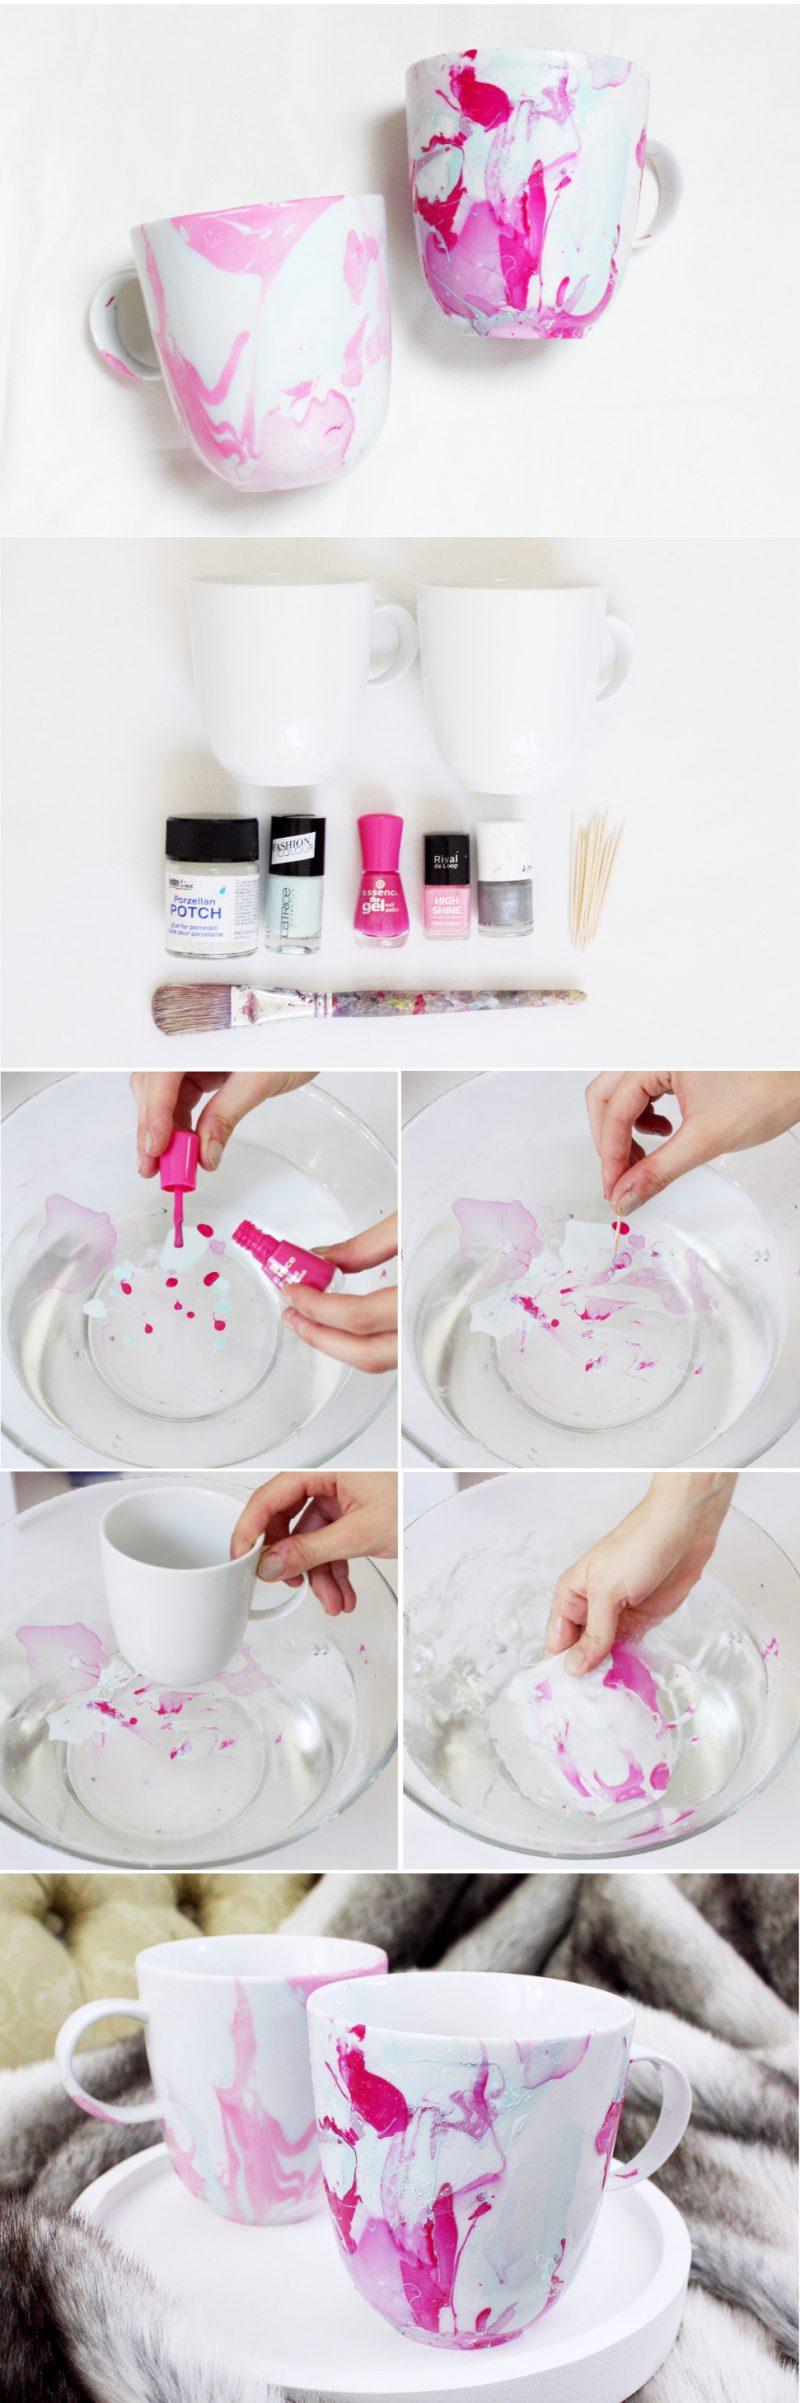 Weihnachtsgeschenke basteln für Erwachsene Tasse verzieren Schrit für Schritt